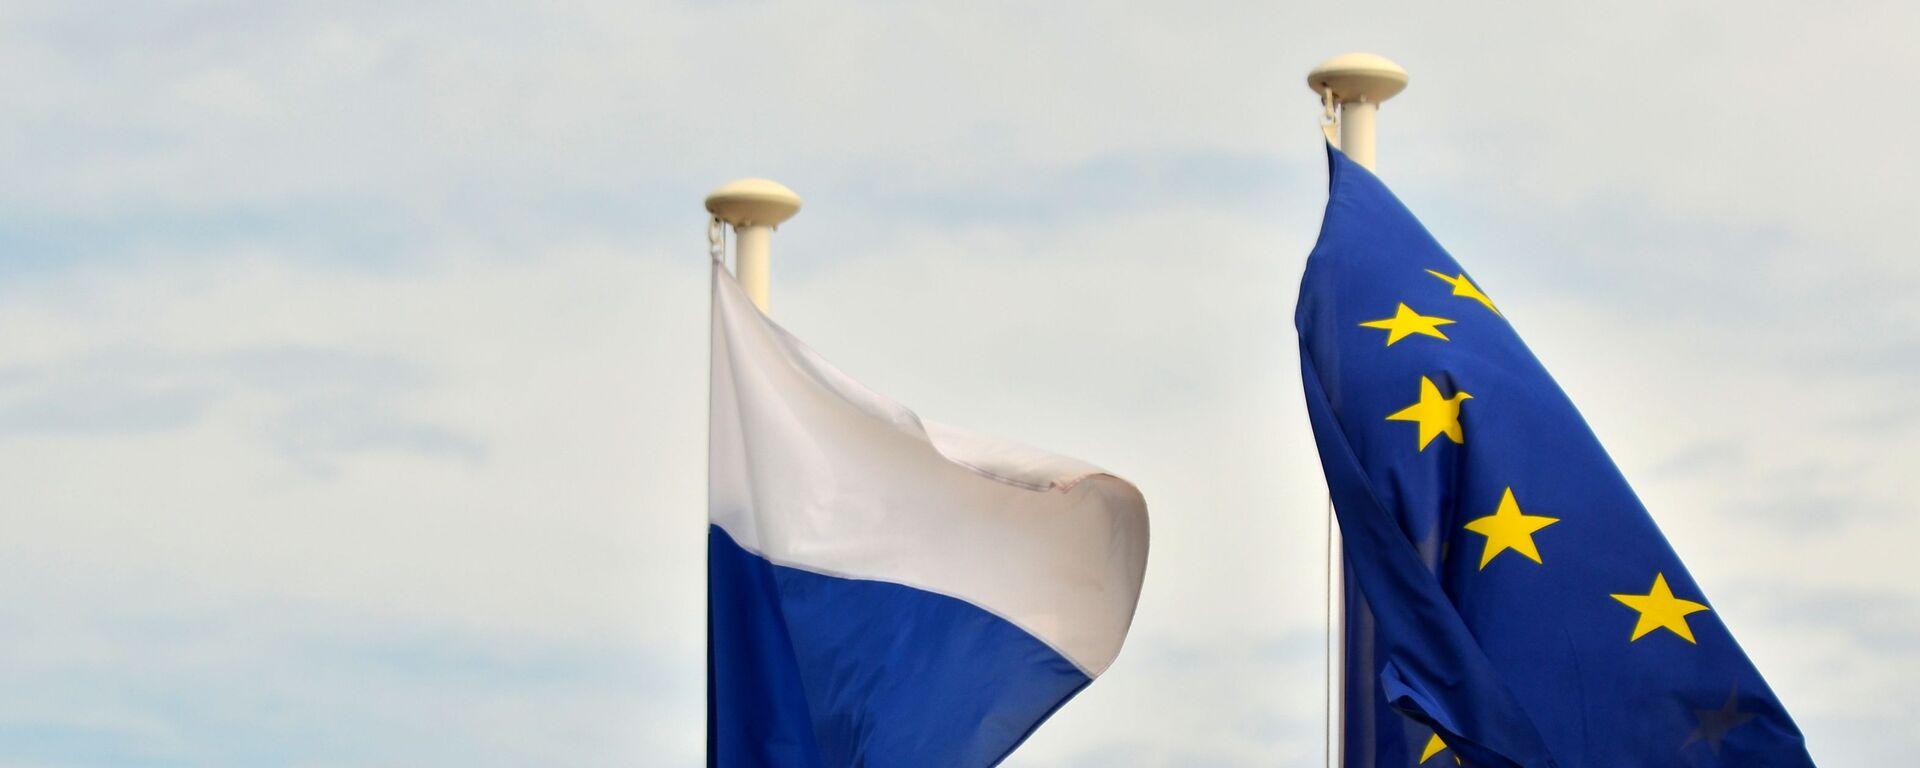 Флаги России и ЕС  - Sputnik Таджикистан, 1920, 18.06.2021